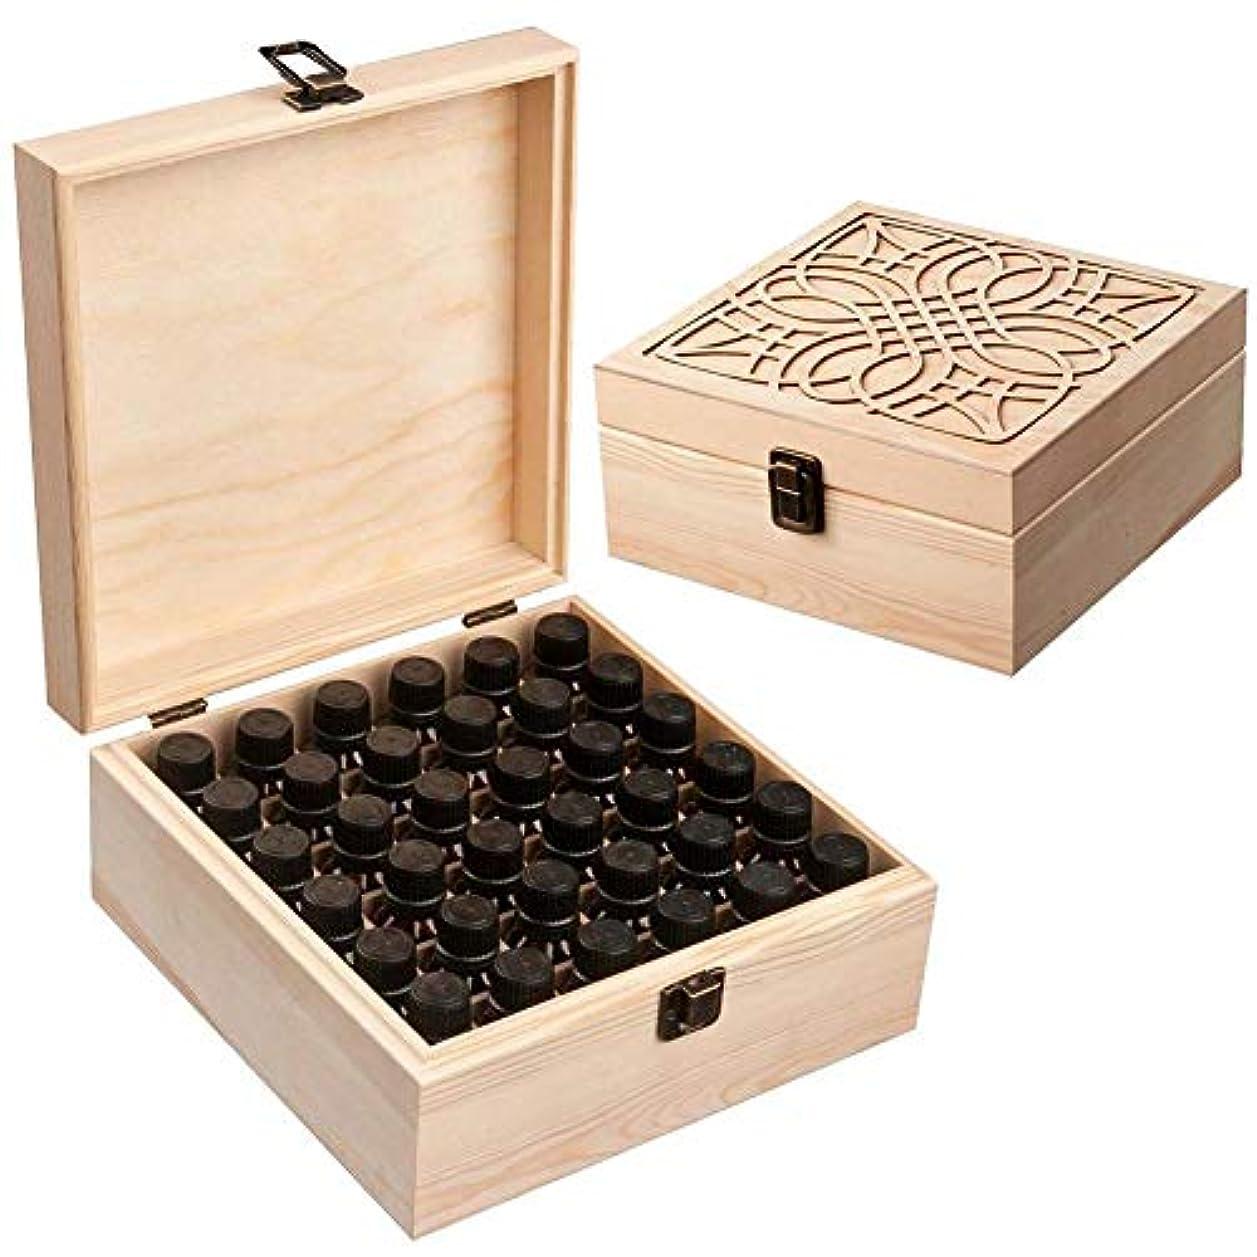 透明にほこりっぽい外交問題Newfashion エッセンシャルオイル収納ボックス 精油収納 アロマケース 木製 大容量 携帯便利 オイルボックス 飾り物 36本用